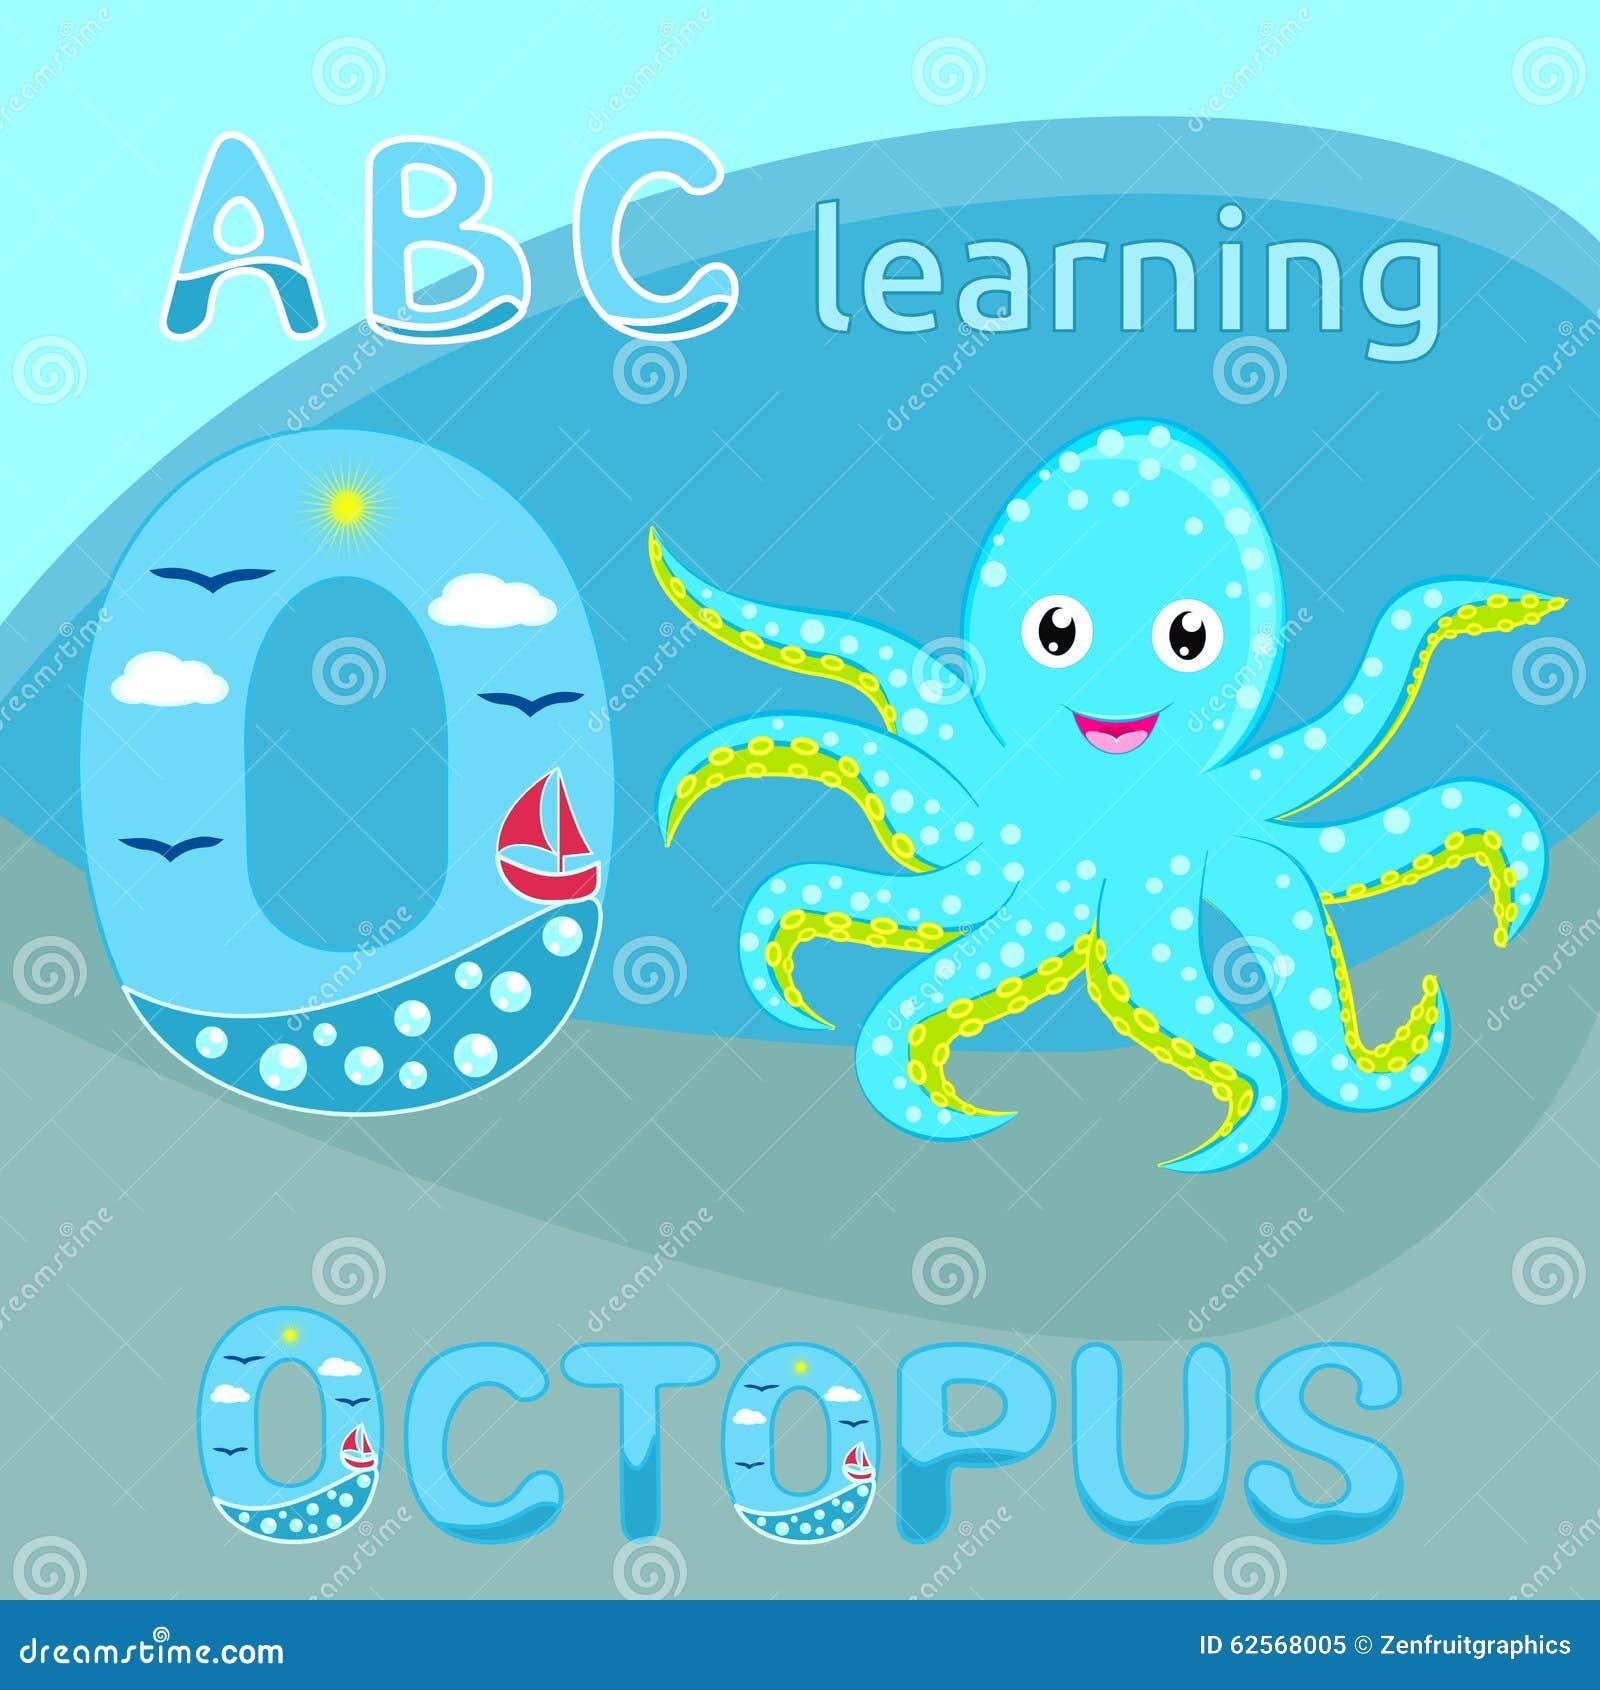 逗人传染的大象婴孩喜爱蓝色深蓝动物被察觉的漫画例证侦探人物的媒介C海洋的章鱼图片